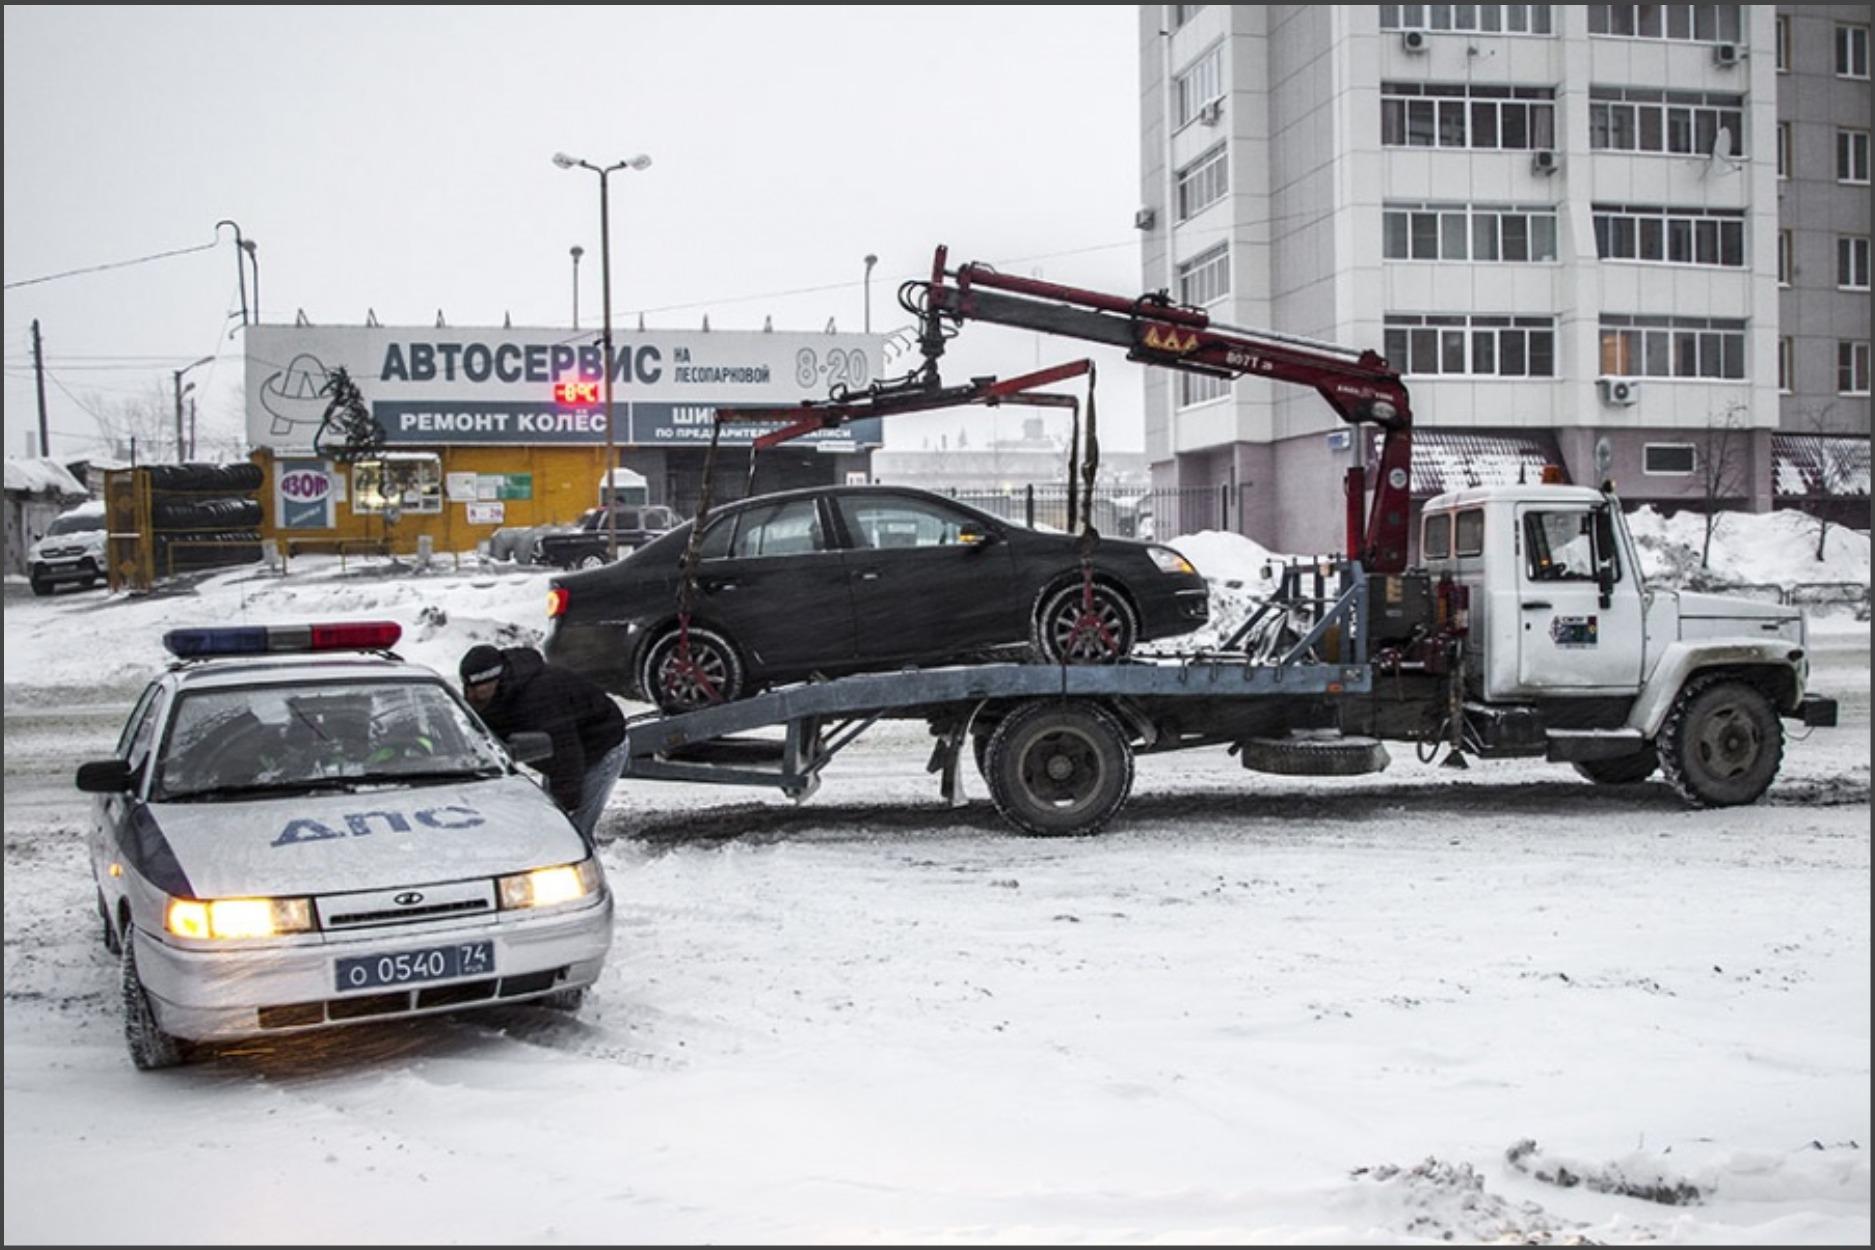 Эвакуаторщики увезли машину вместе с ребёнком. Кто виноват?